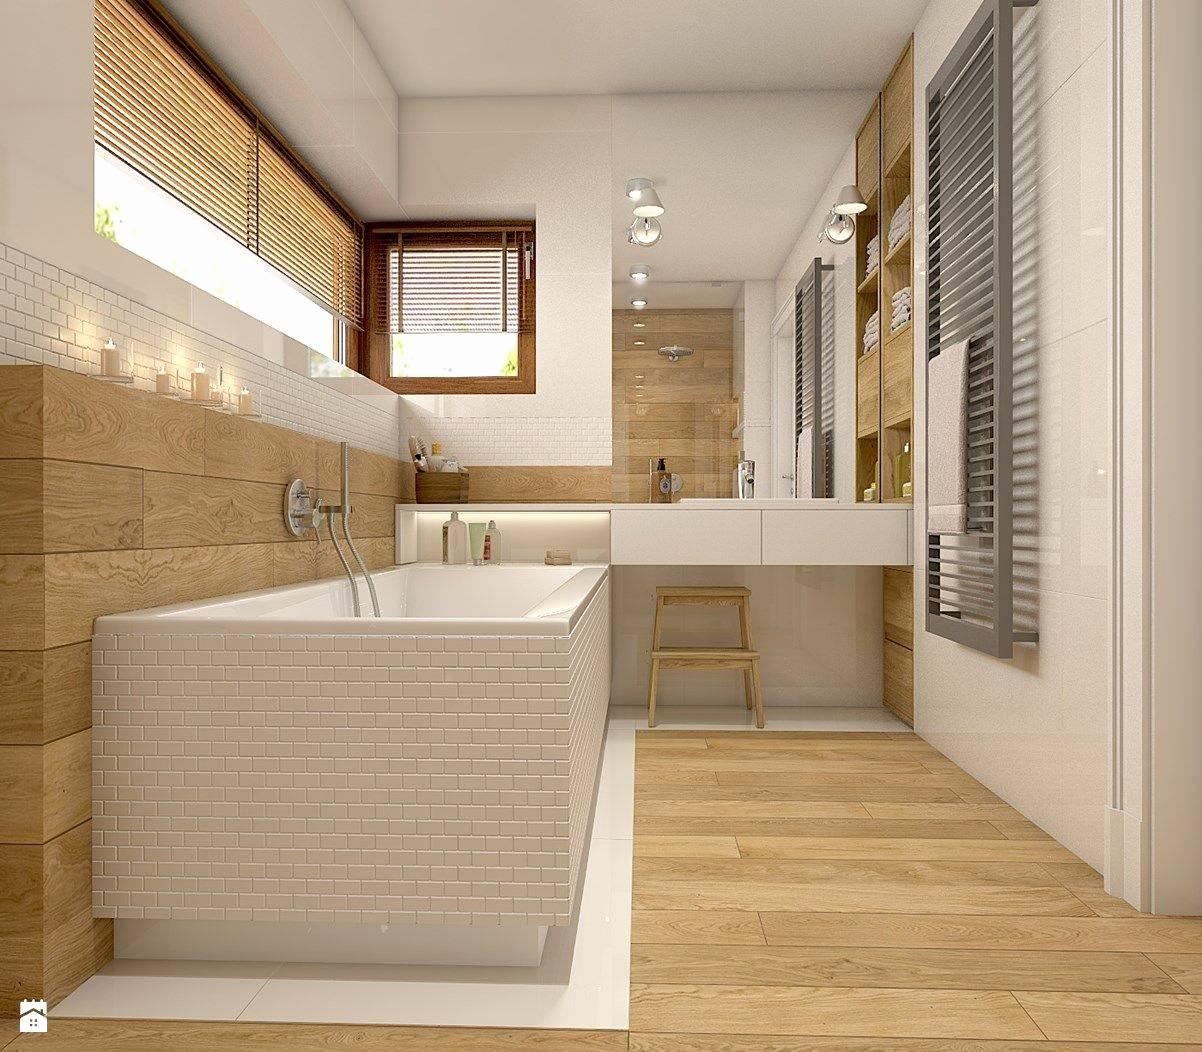 ideen zur wandgestaltung wohnzimmer neu wohnzimmer ideen wandgestaltung stein wohnzimmer accessoires 0d von of ideen zur wandgestaltung wohnzimmer